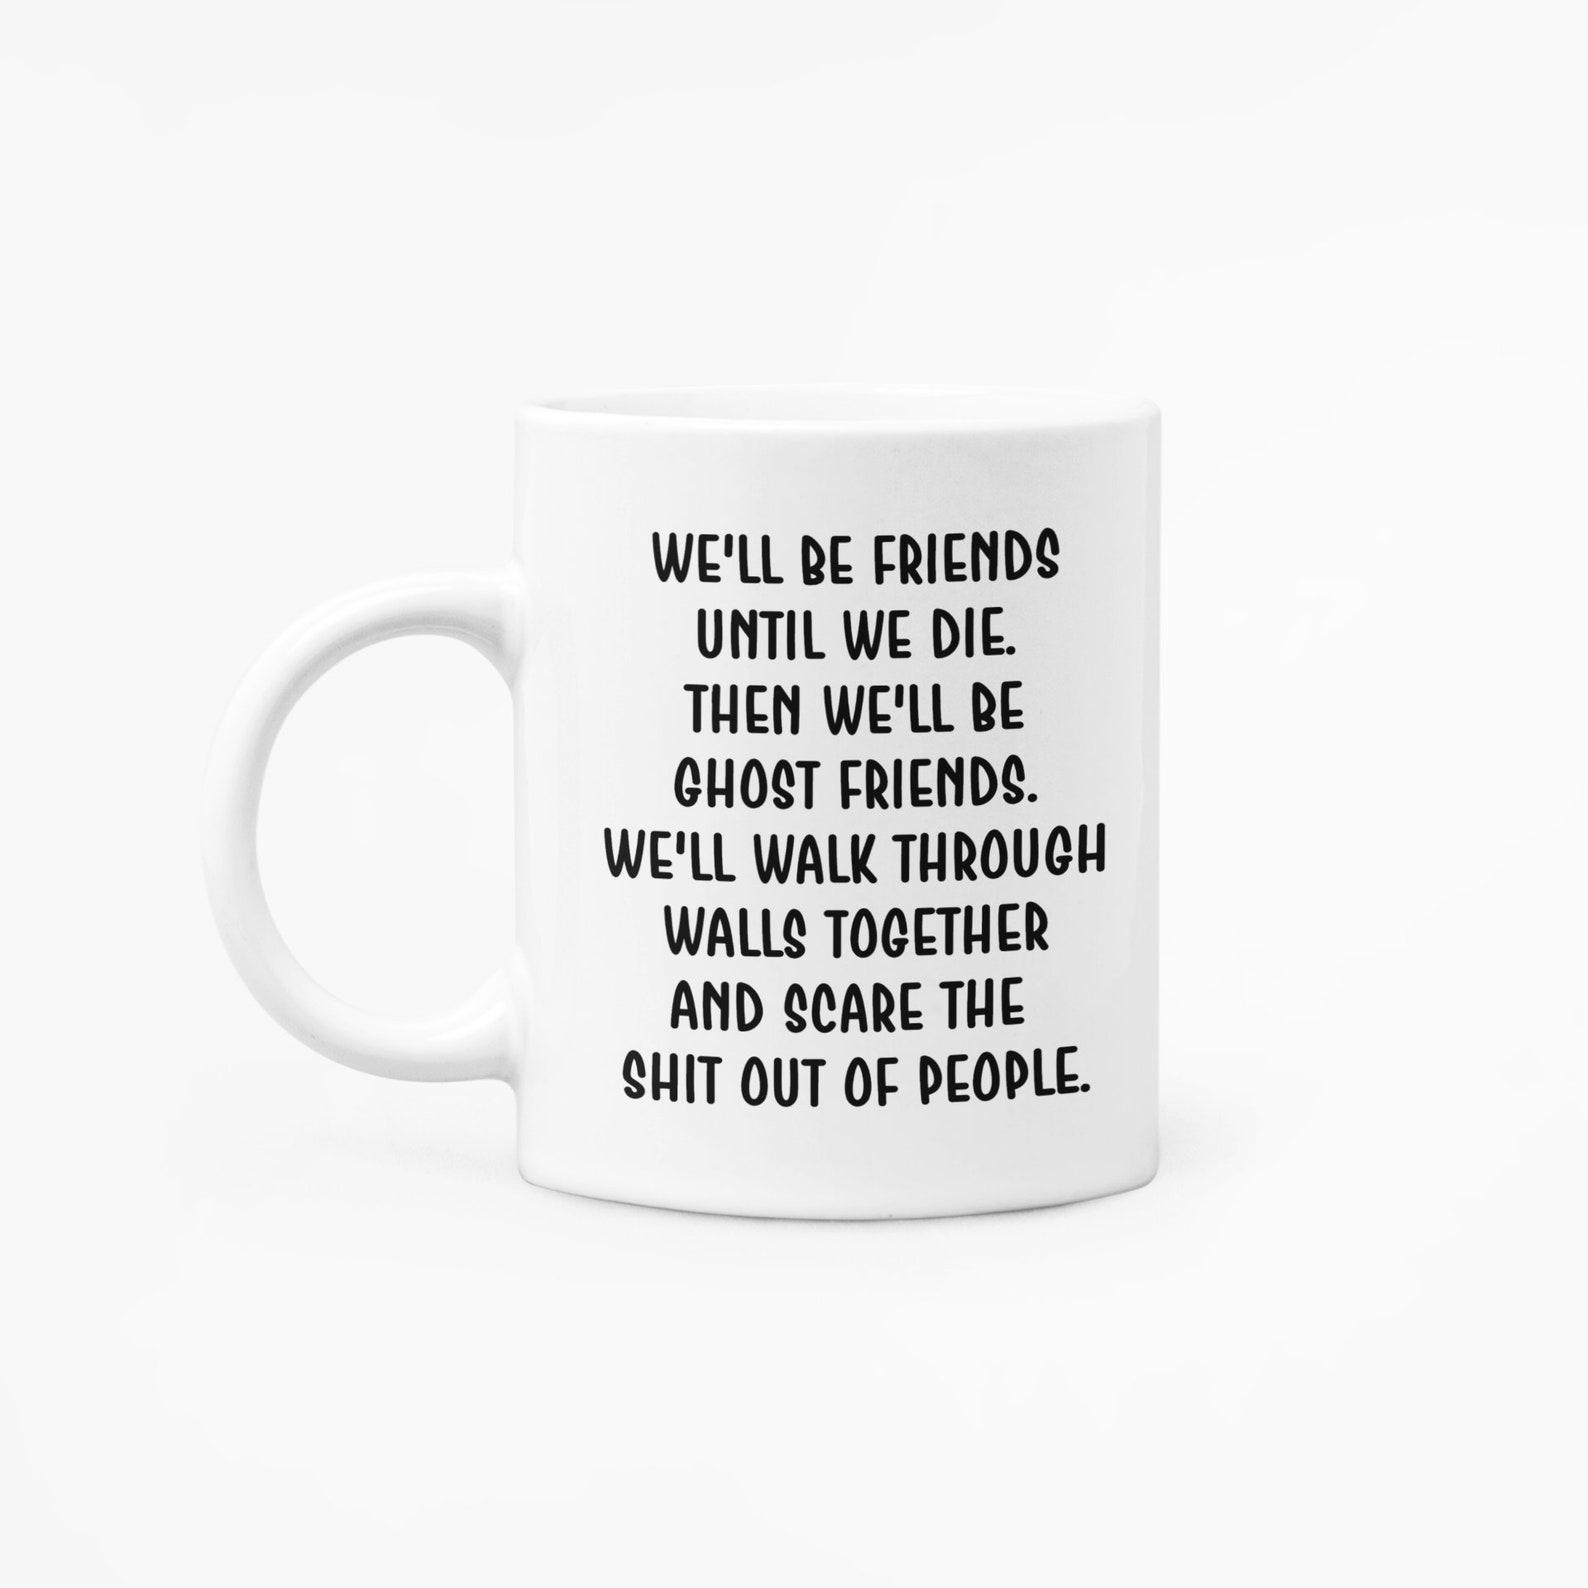 Freunde bis wir sterben Kaffeebecher lustige Freundschaft